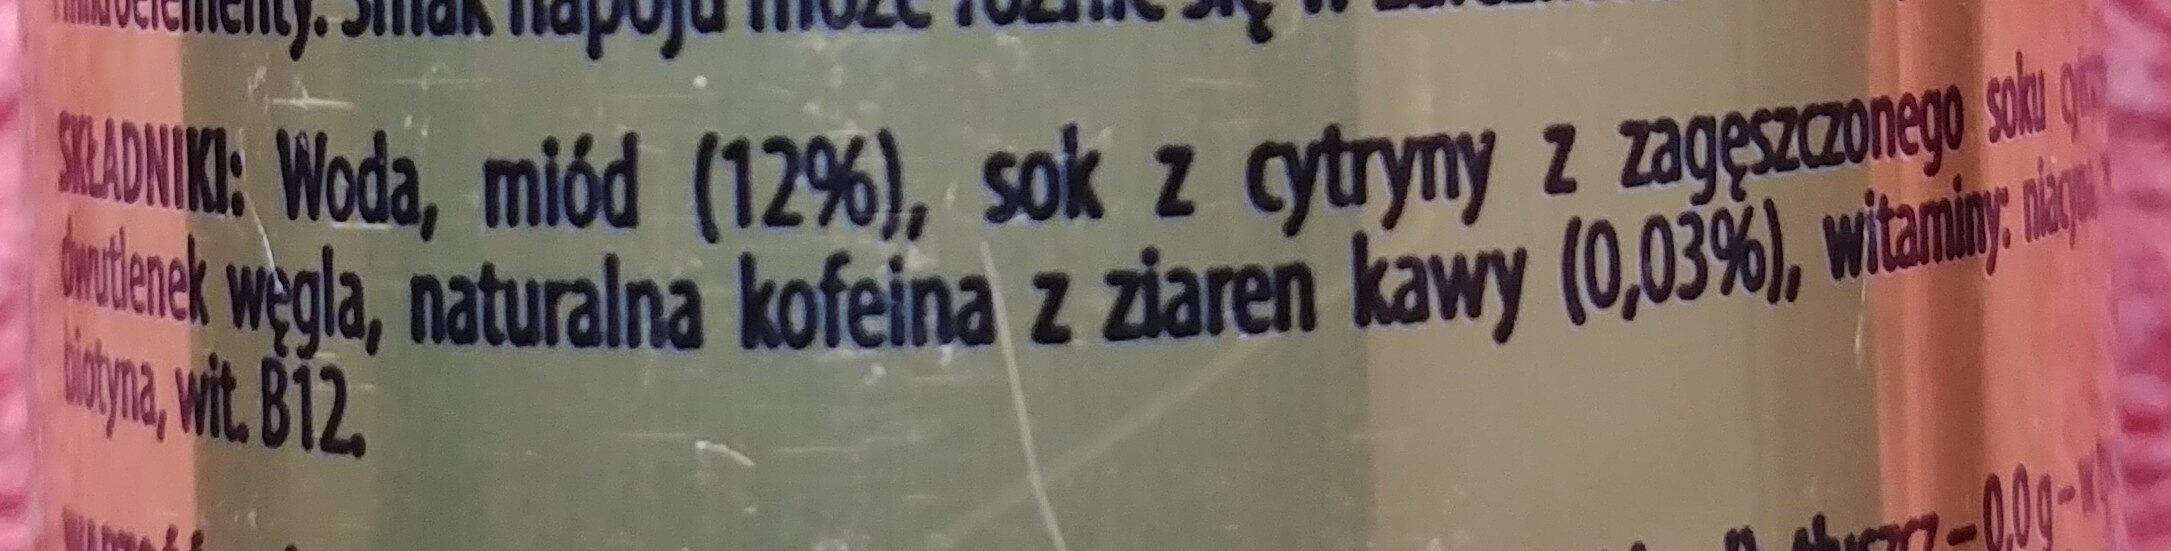 Napój energetyzujący z polskim miodem i kofeiną - Składniki